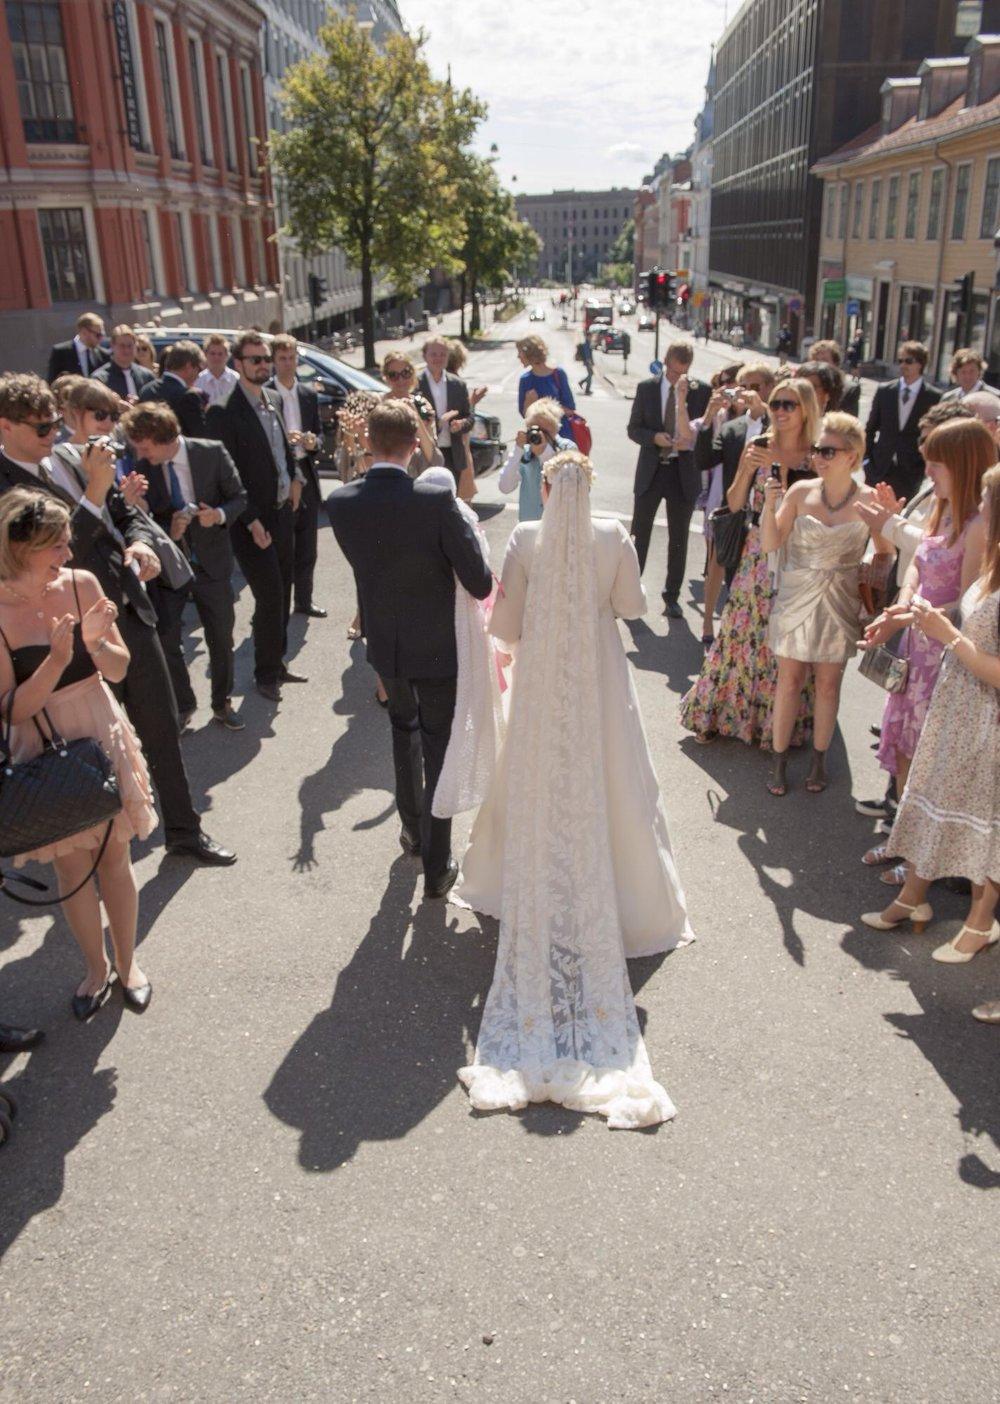 Bryllup - Kjærlighetsfest, merkedag og ikke minst foreningen av to familier. Bryllup er så fantastisk! Med litt planlegging vil også alle generasjoner trives på dansegulvet til langt på natt!